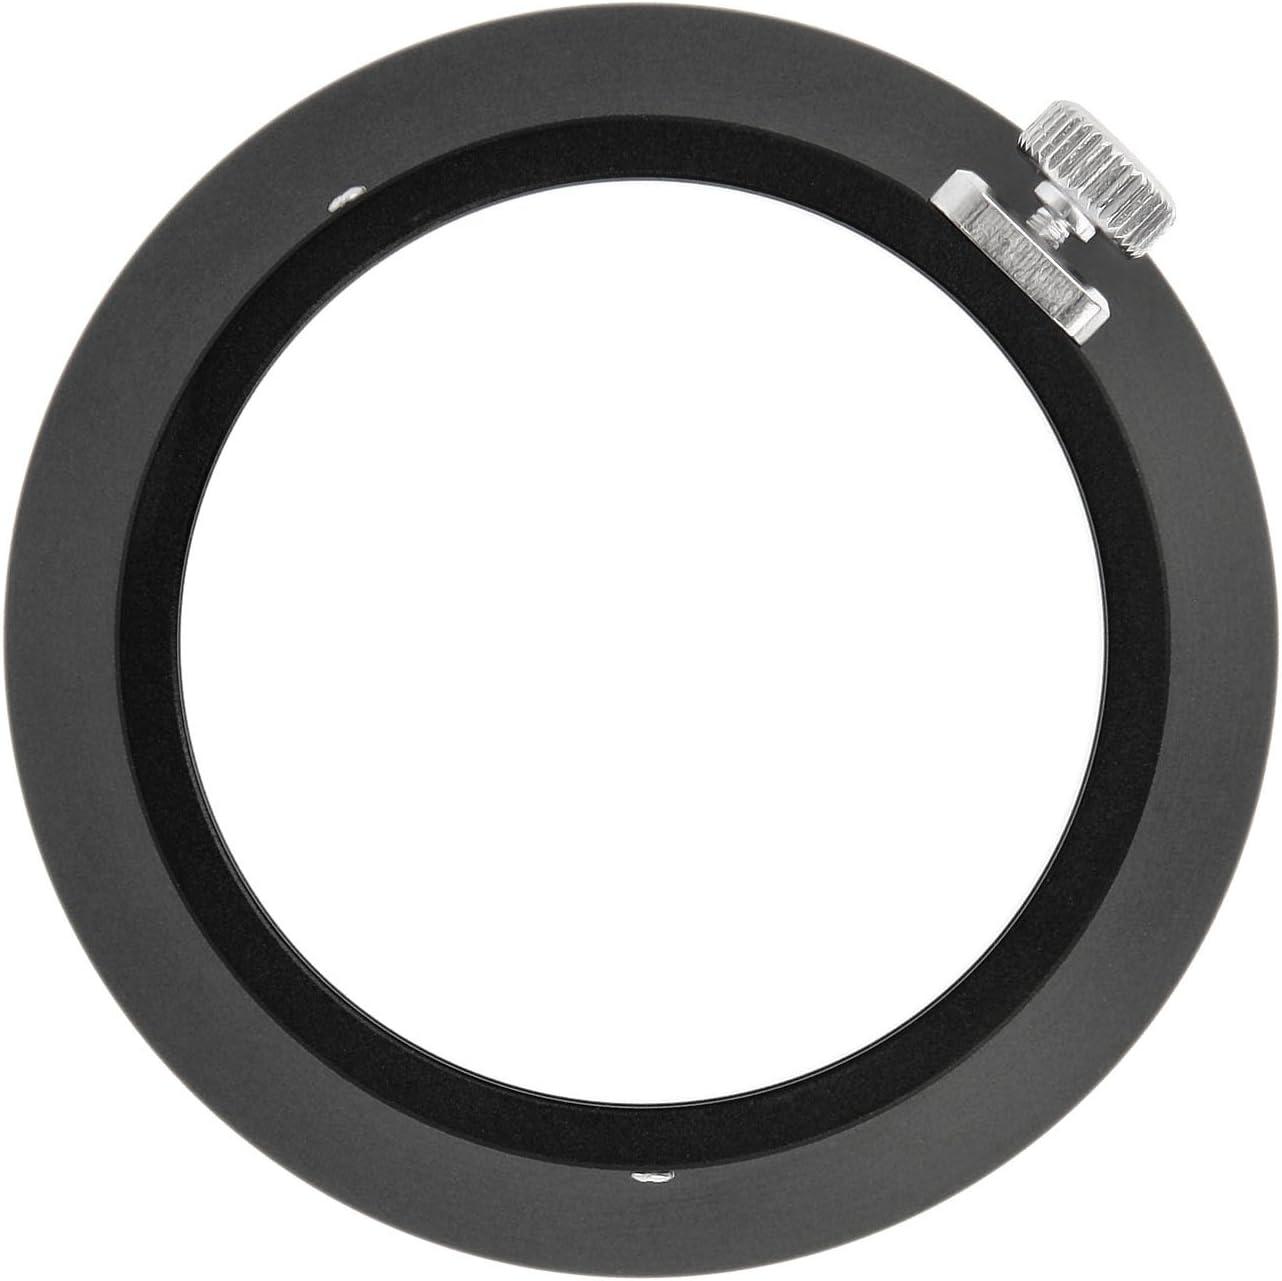 ZUIKO DIGITAL 17 mm 1:1.8 schwarz ersetzt Olympus LH-48B JJC Sonnenblende Gegenlichtblende f/ür Olympus M